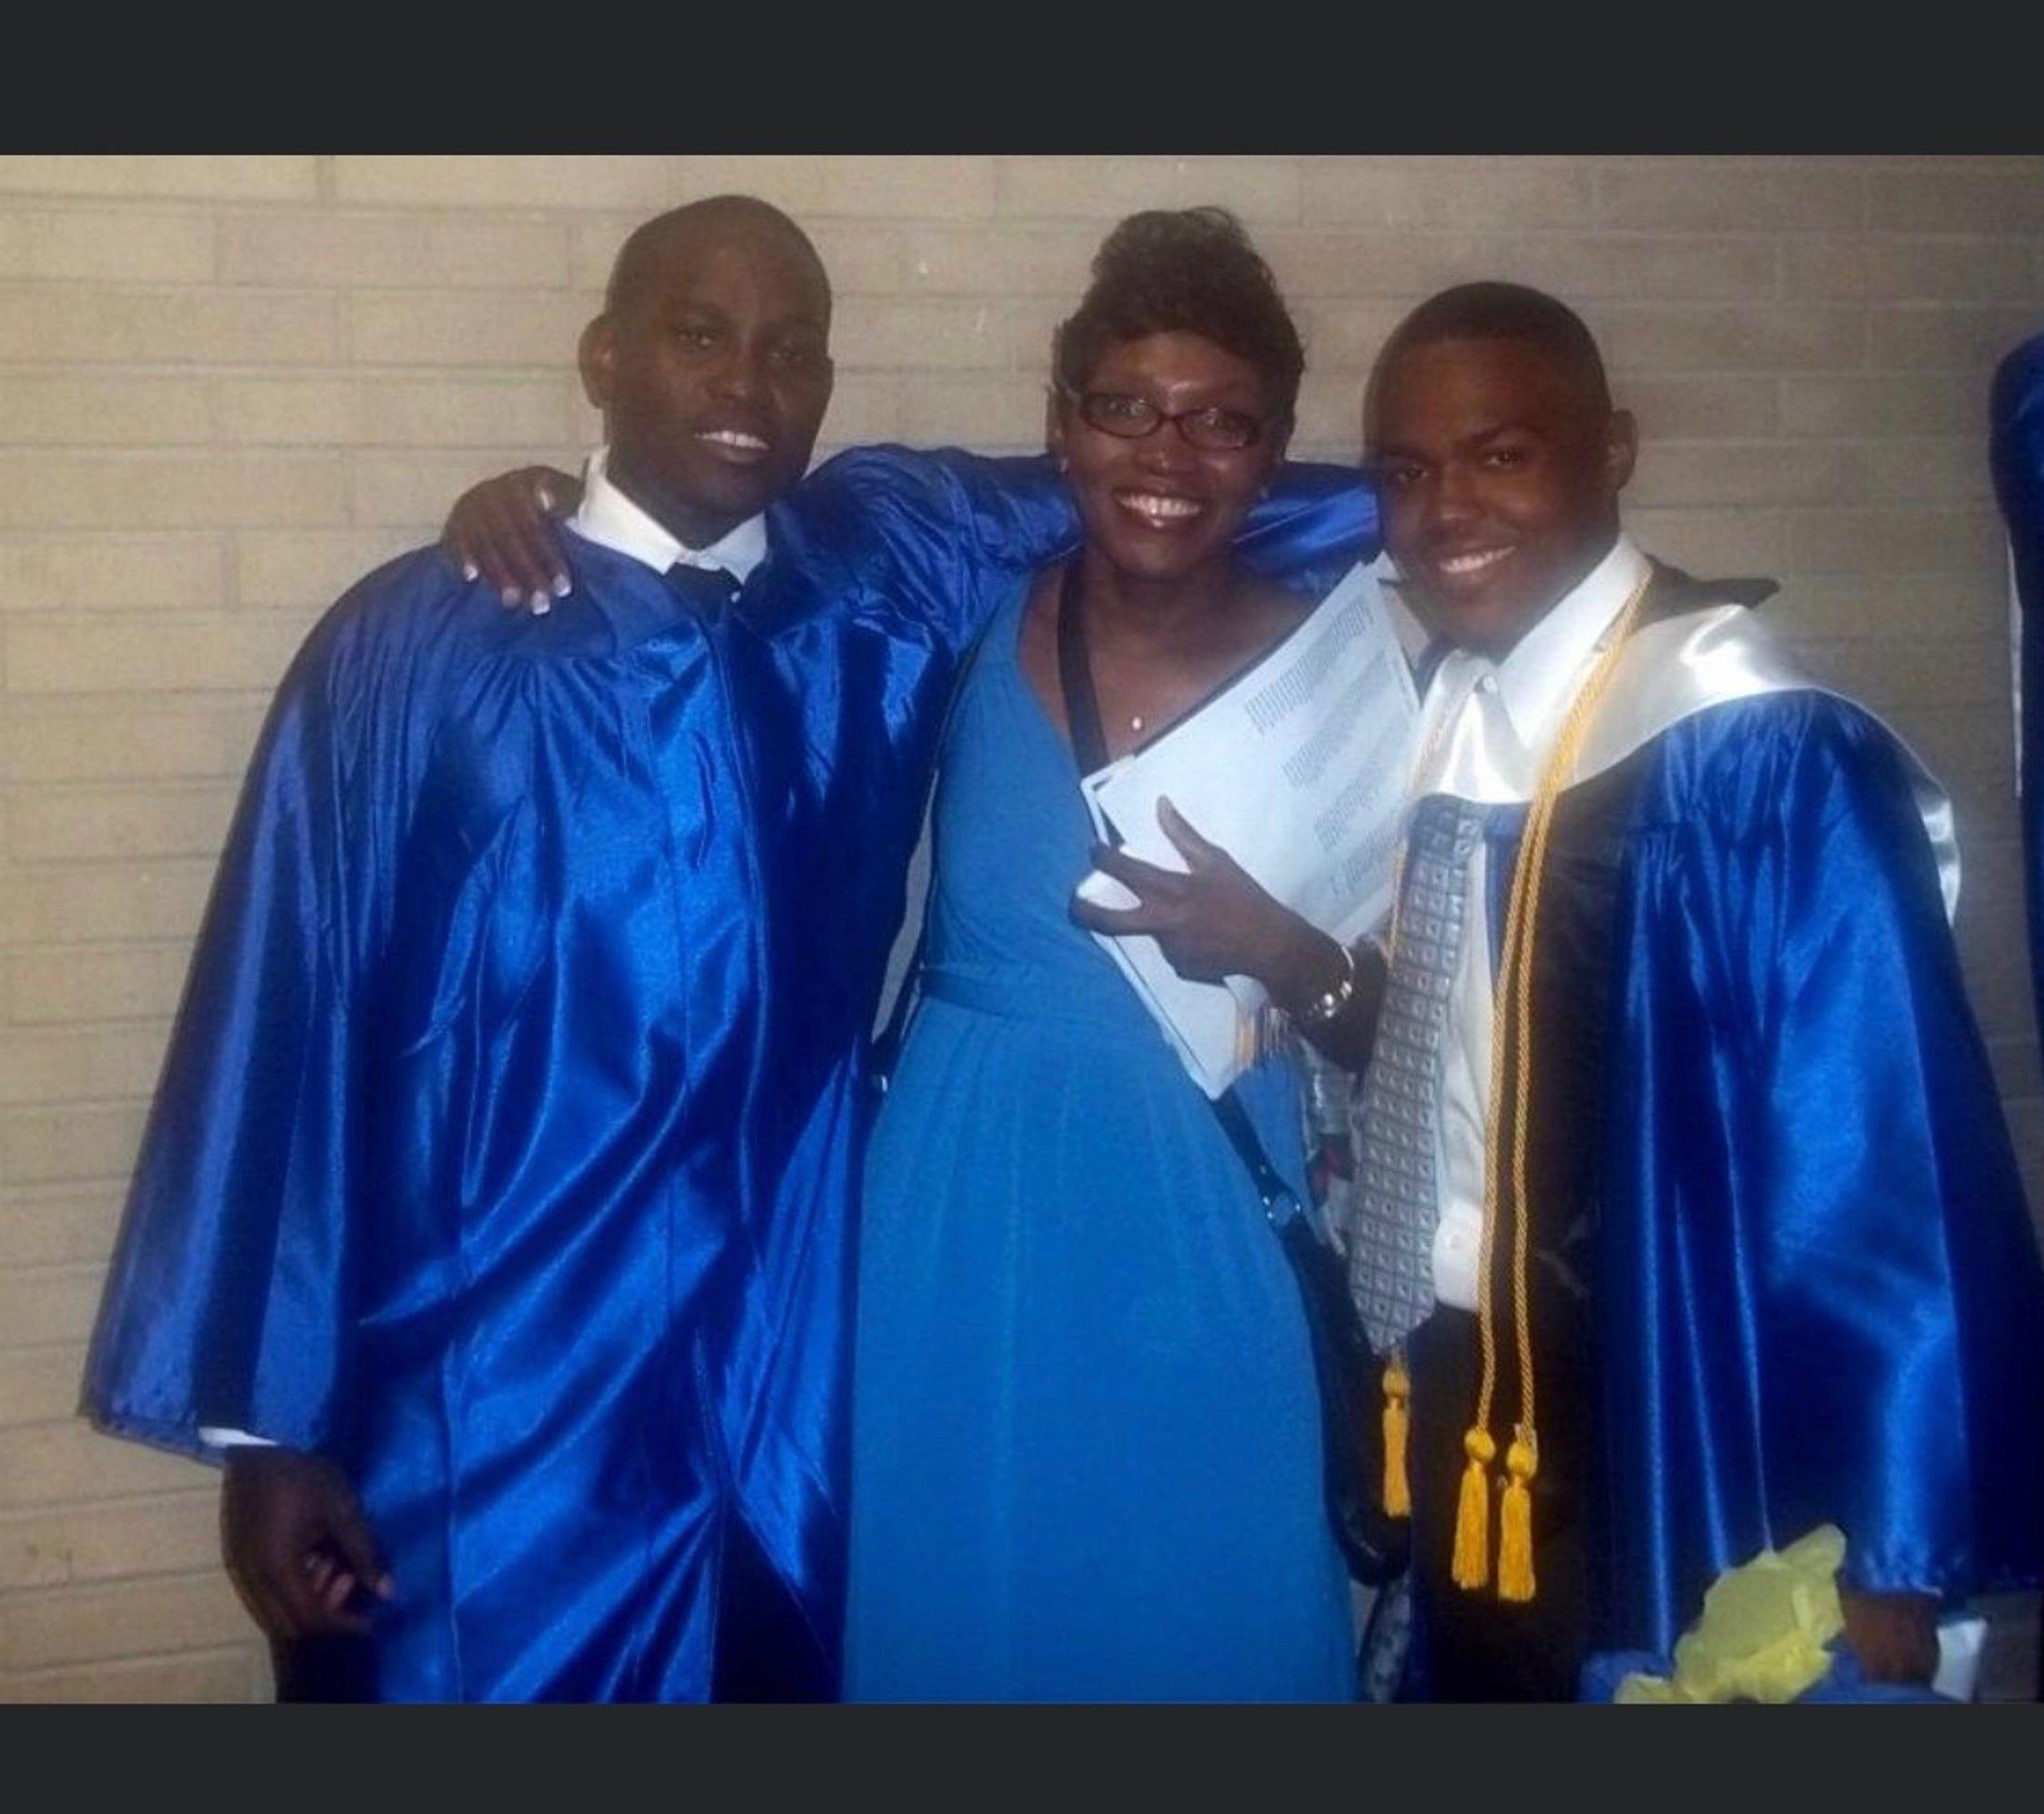 Von links posieren Ahmaud Arbery, seine Mutter Wanda Cooper-Jones und seine beste Freundin Akeem Baker bei ihrem Highschool-Abschluss.